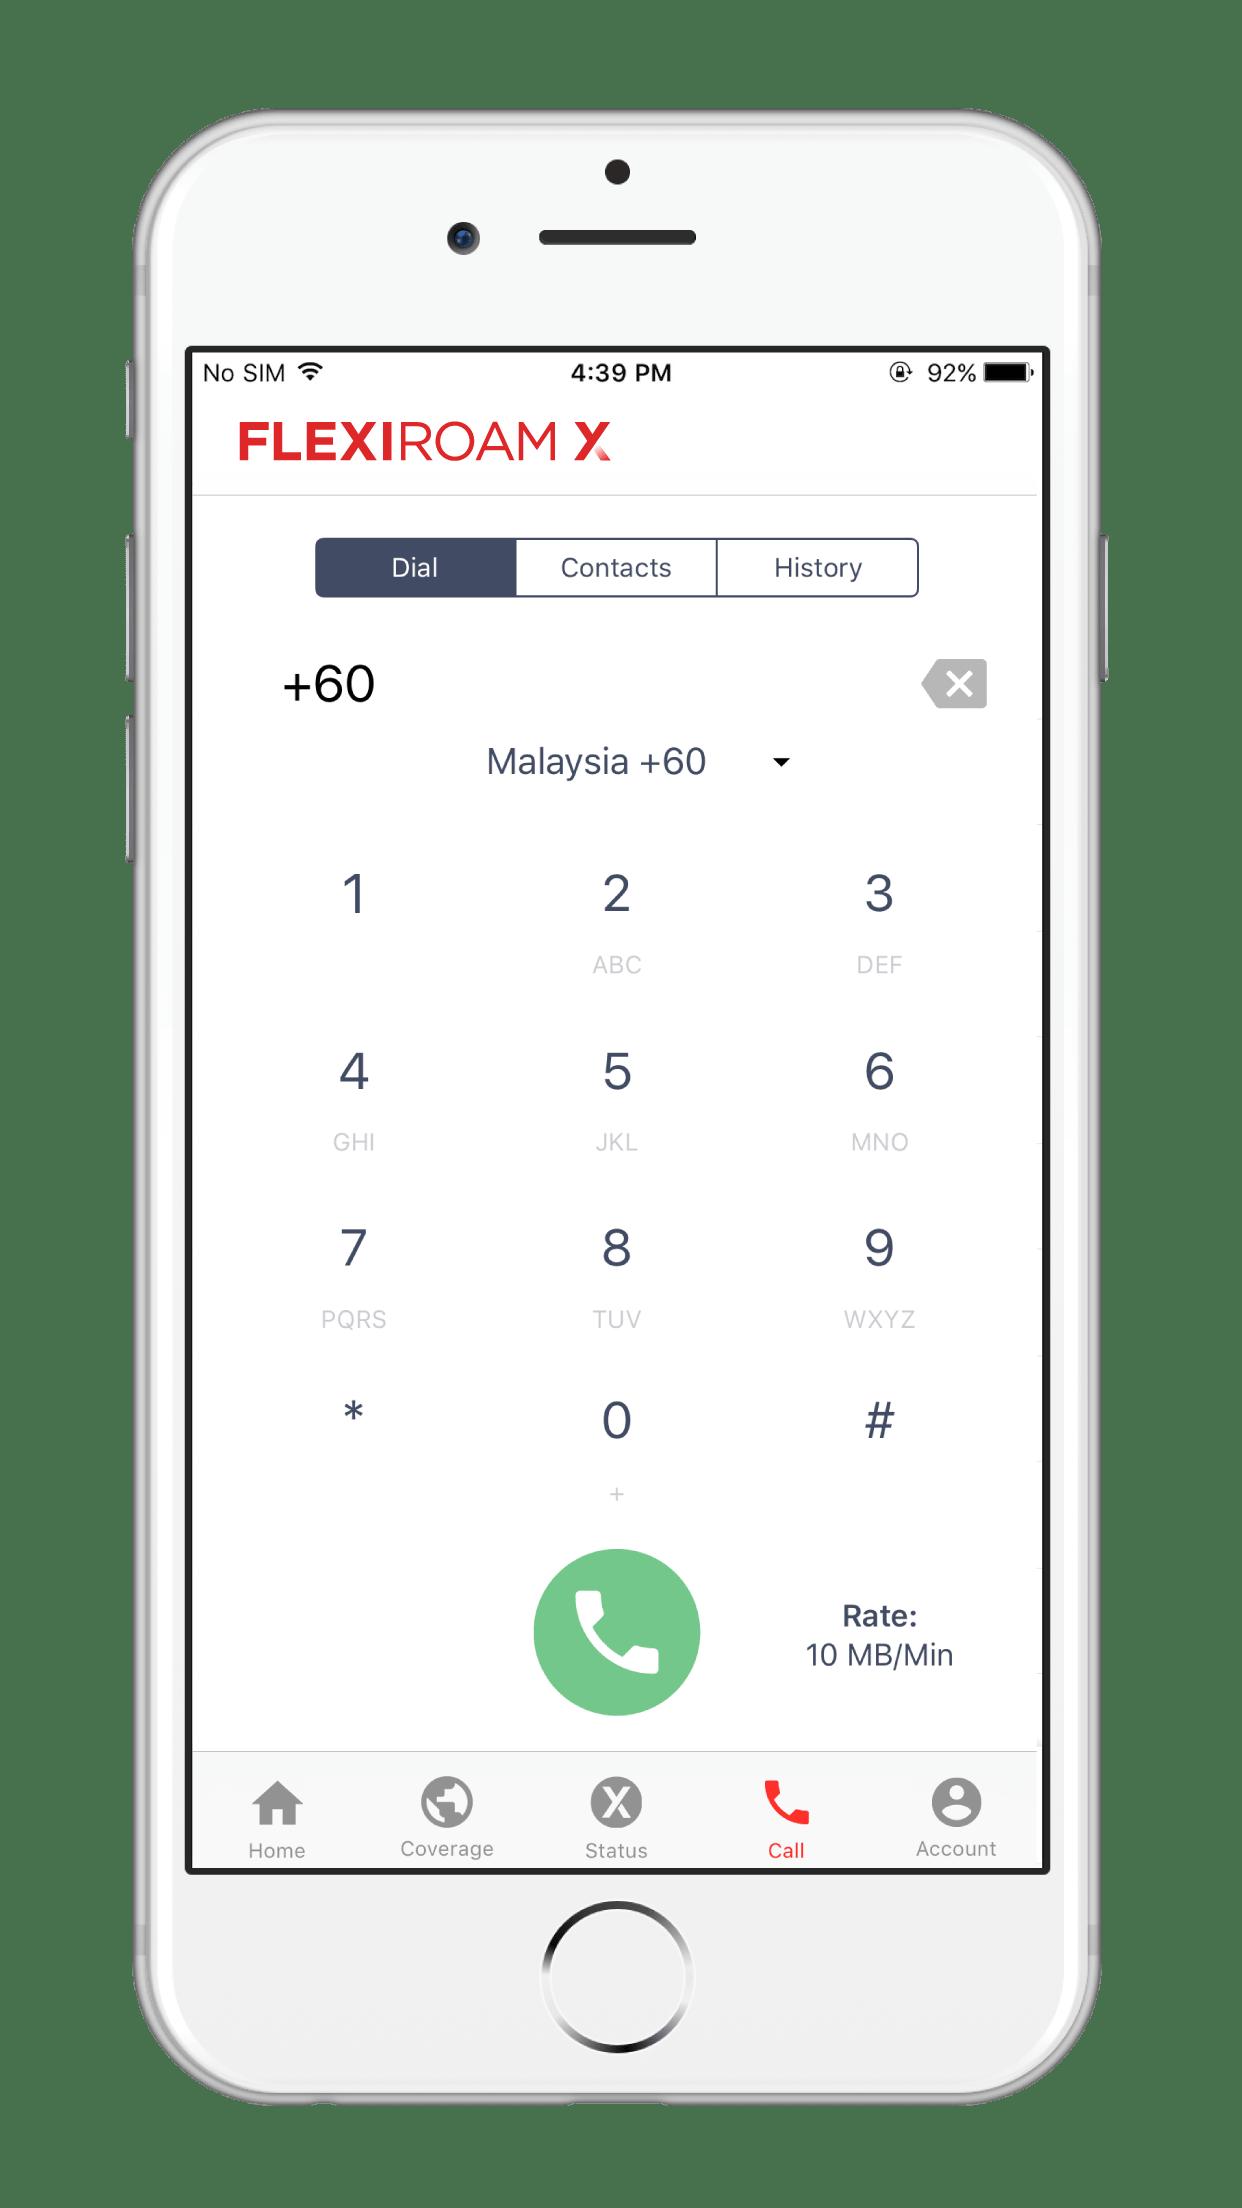 Flexiroam X - Call Screen